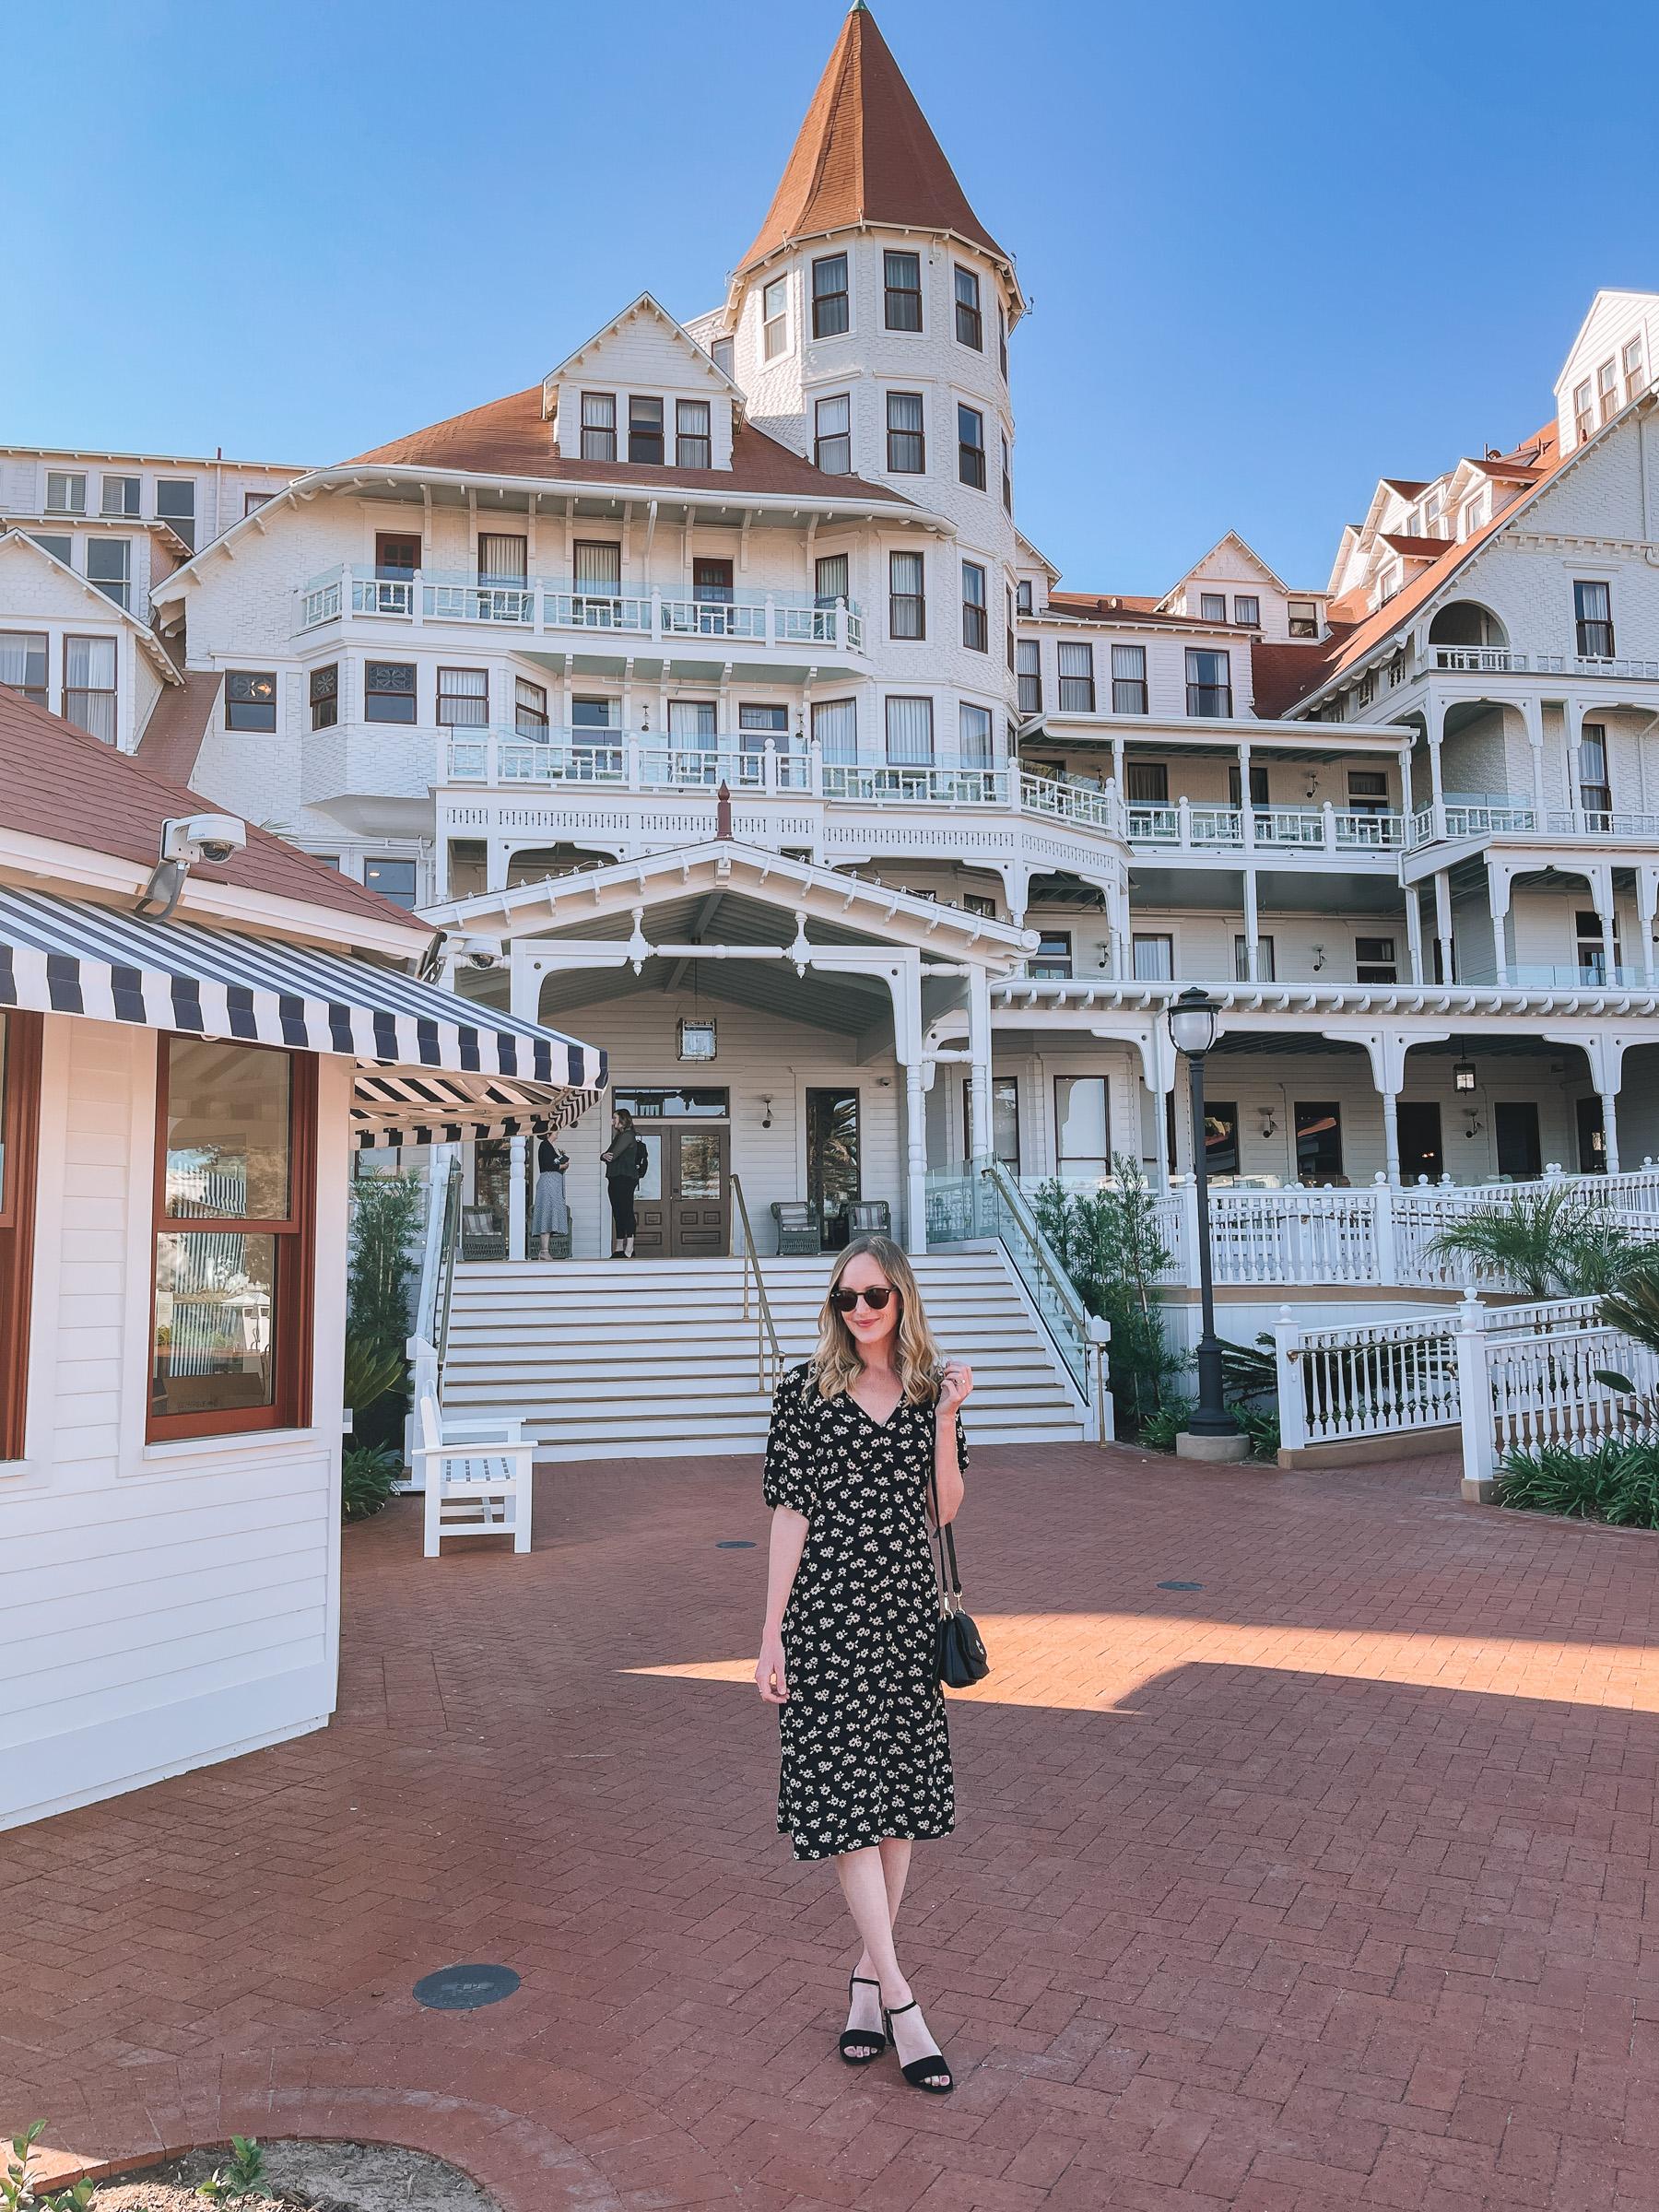 Hotel del Coronado 2021 travel